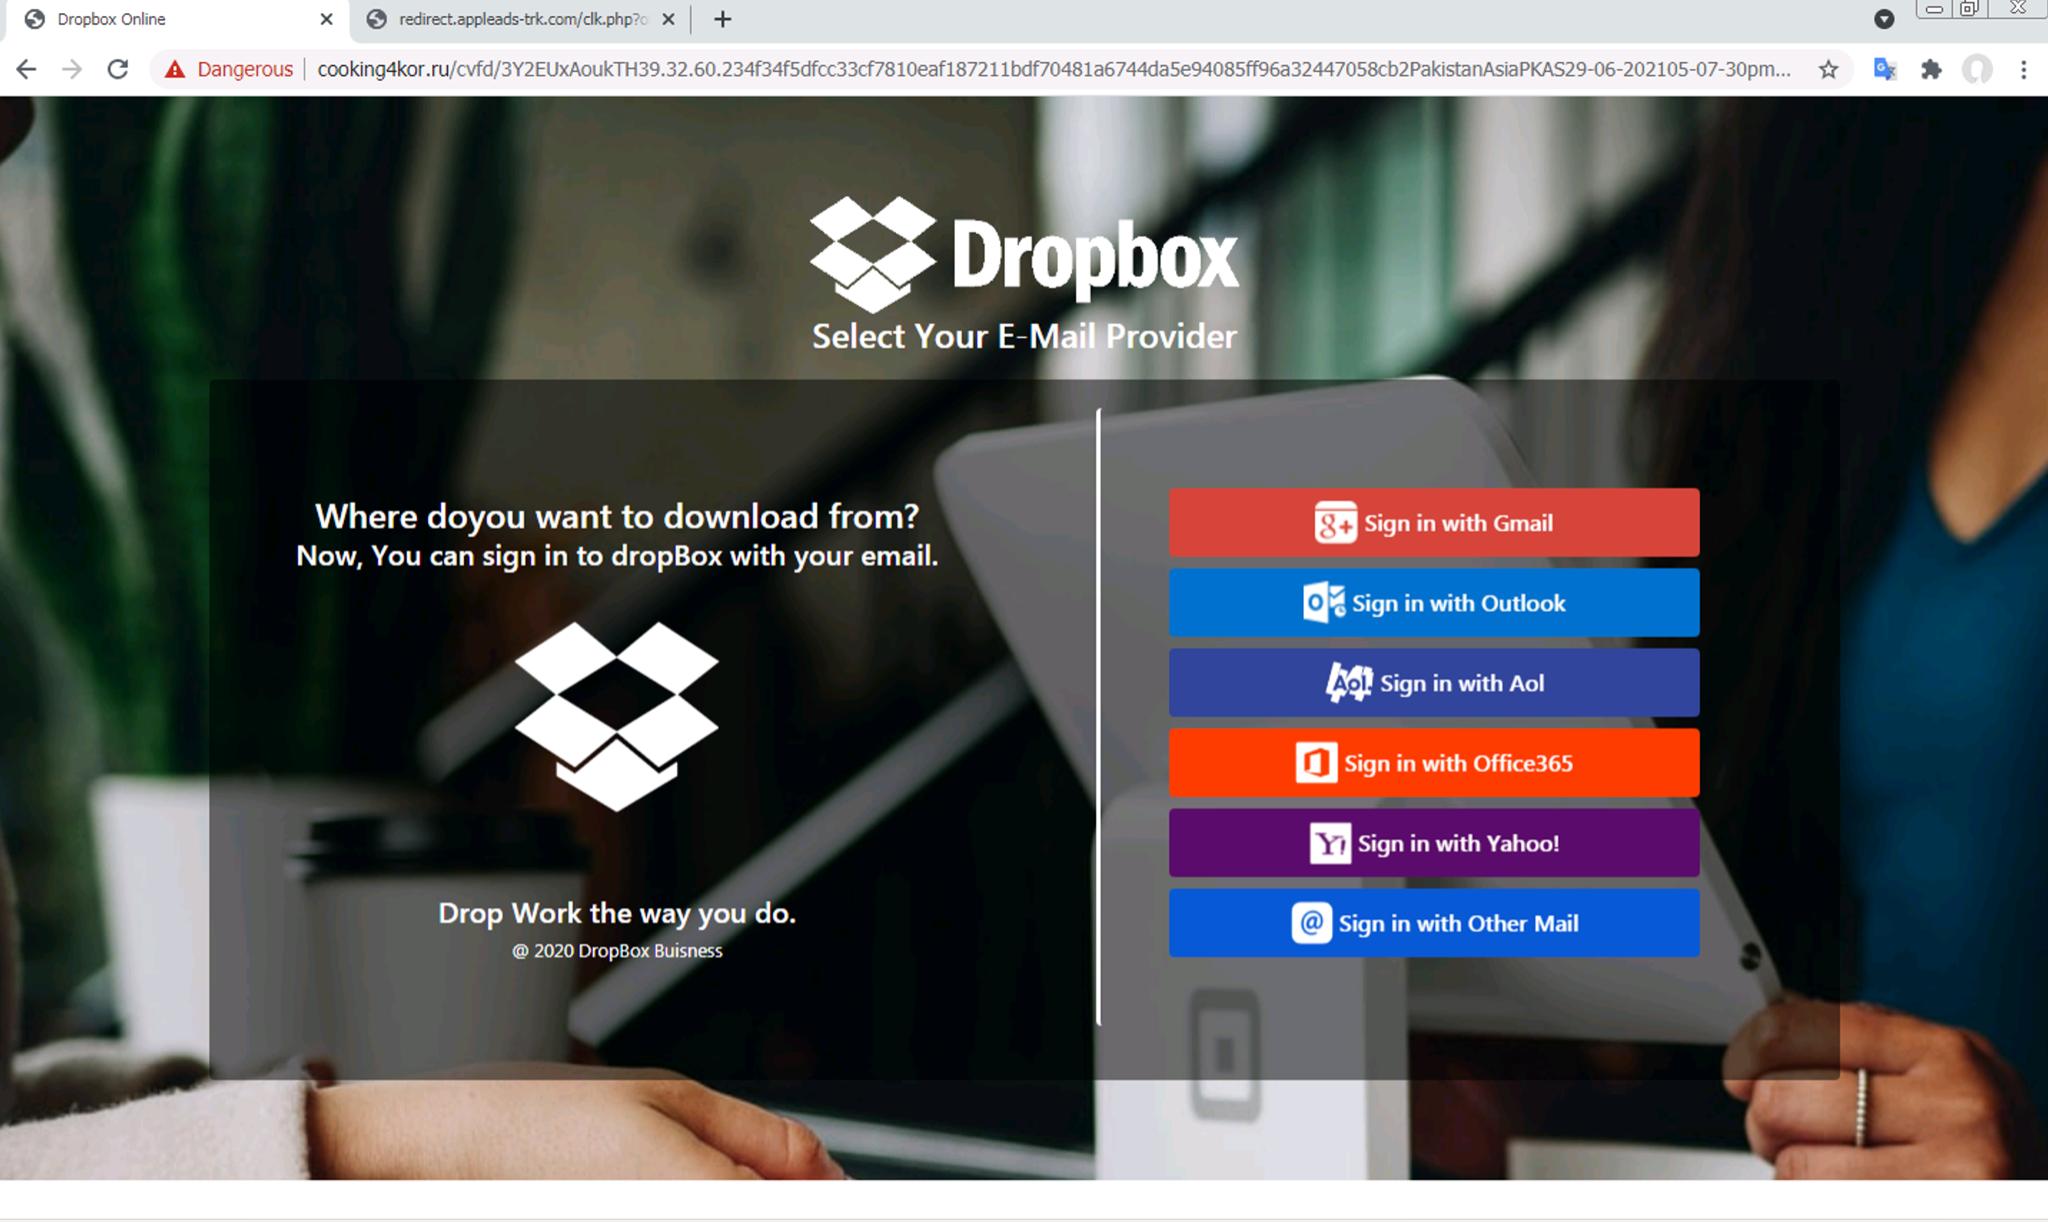 Dropboxのログインページを装ったフィッシングWebページ。ユーザーがページを操作するまで認証情報窃取フォームは表示されない。